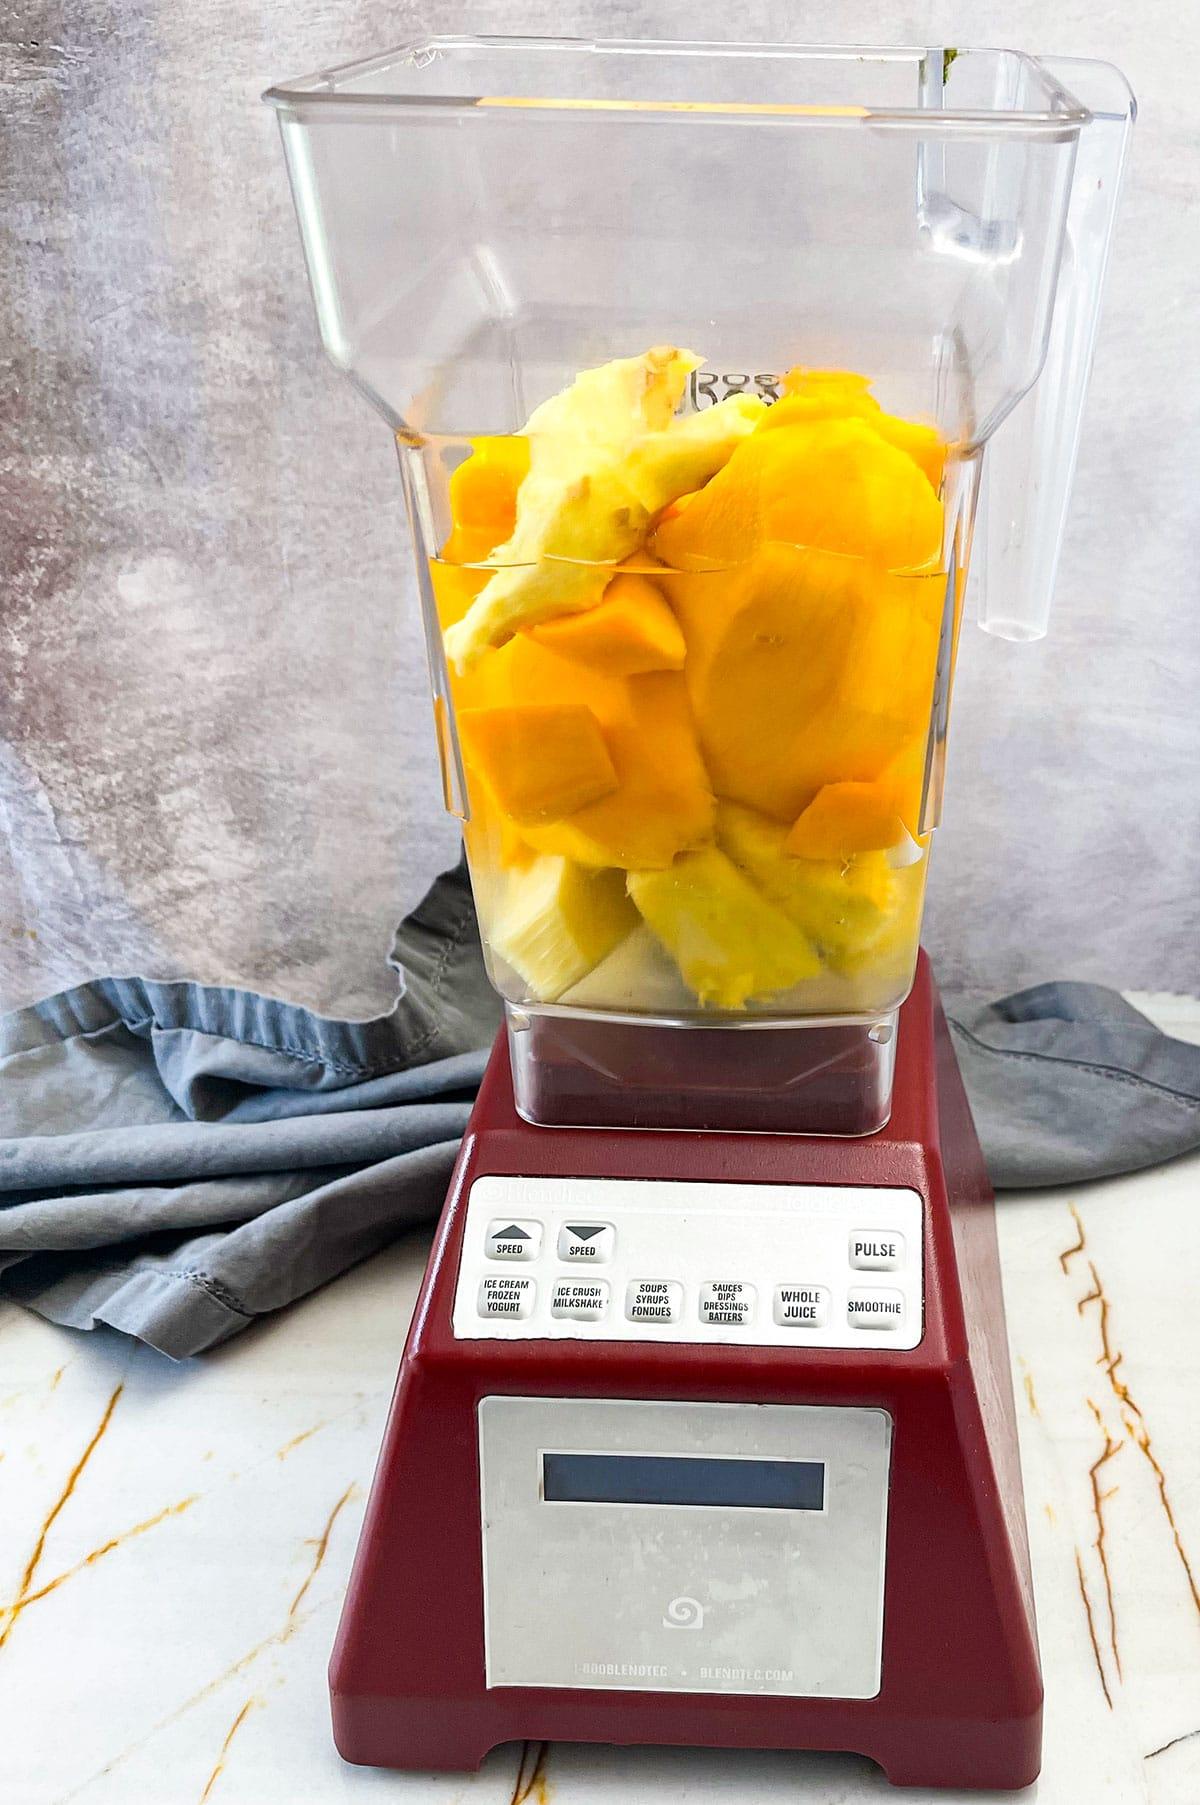 ingredients for mango pineapple juice in blender